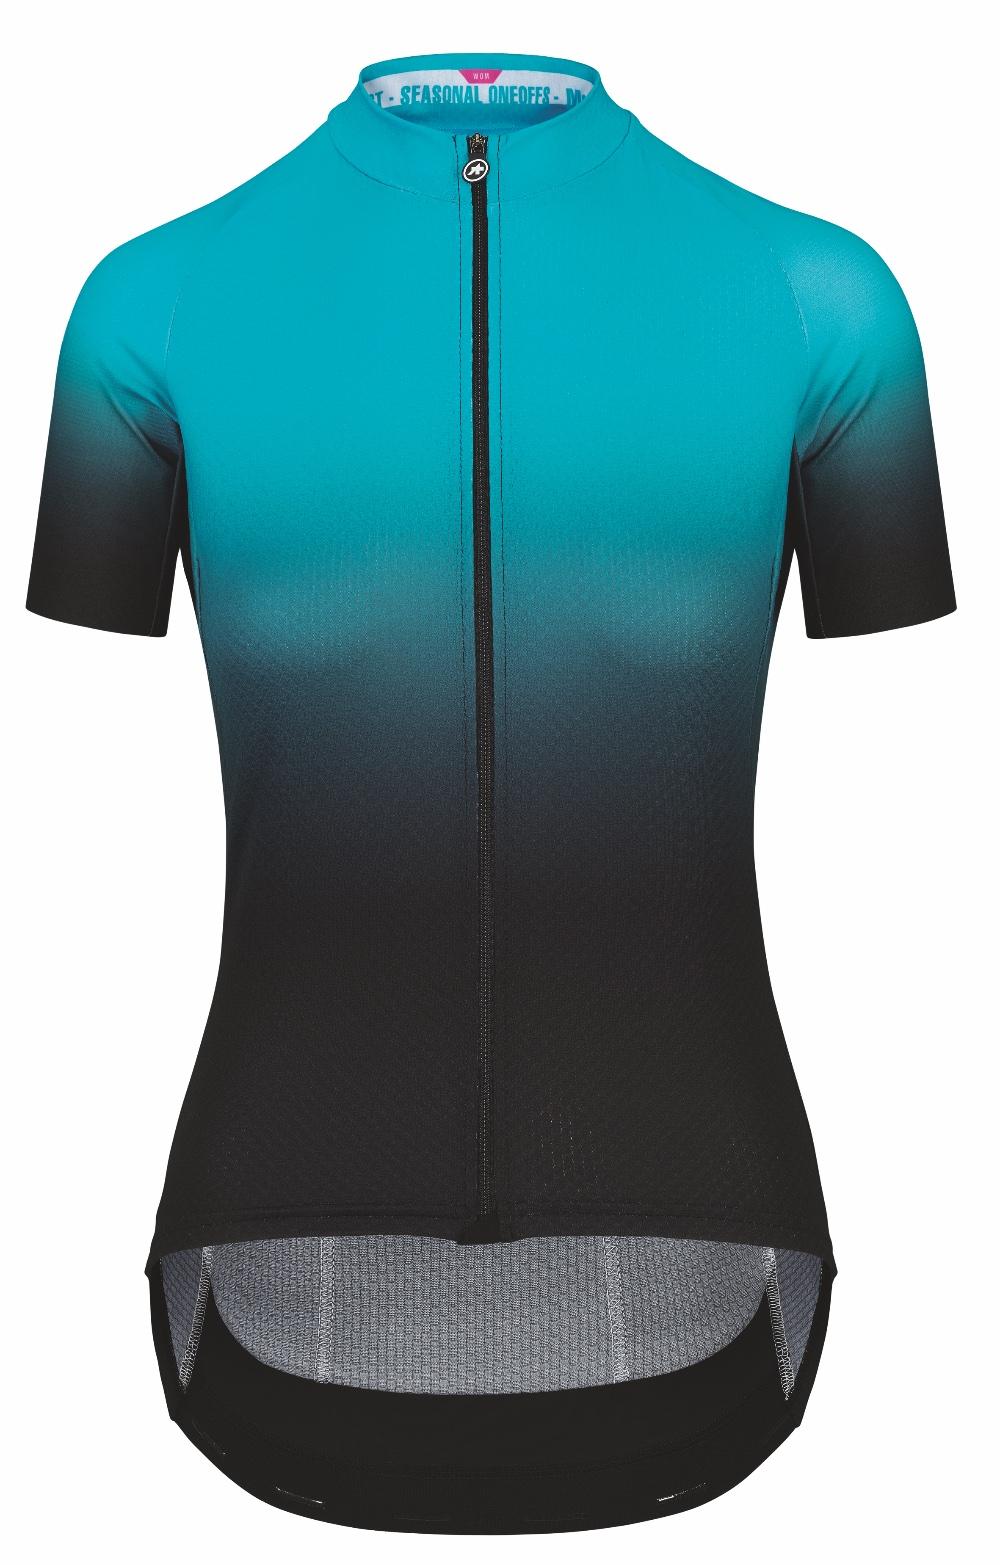 Le nouveau maillot gravel Assos Mille Shifter en version femme